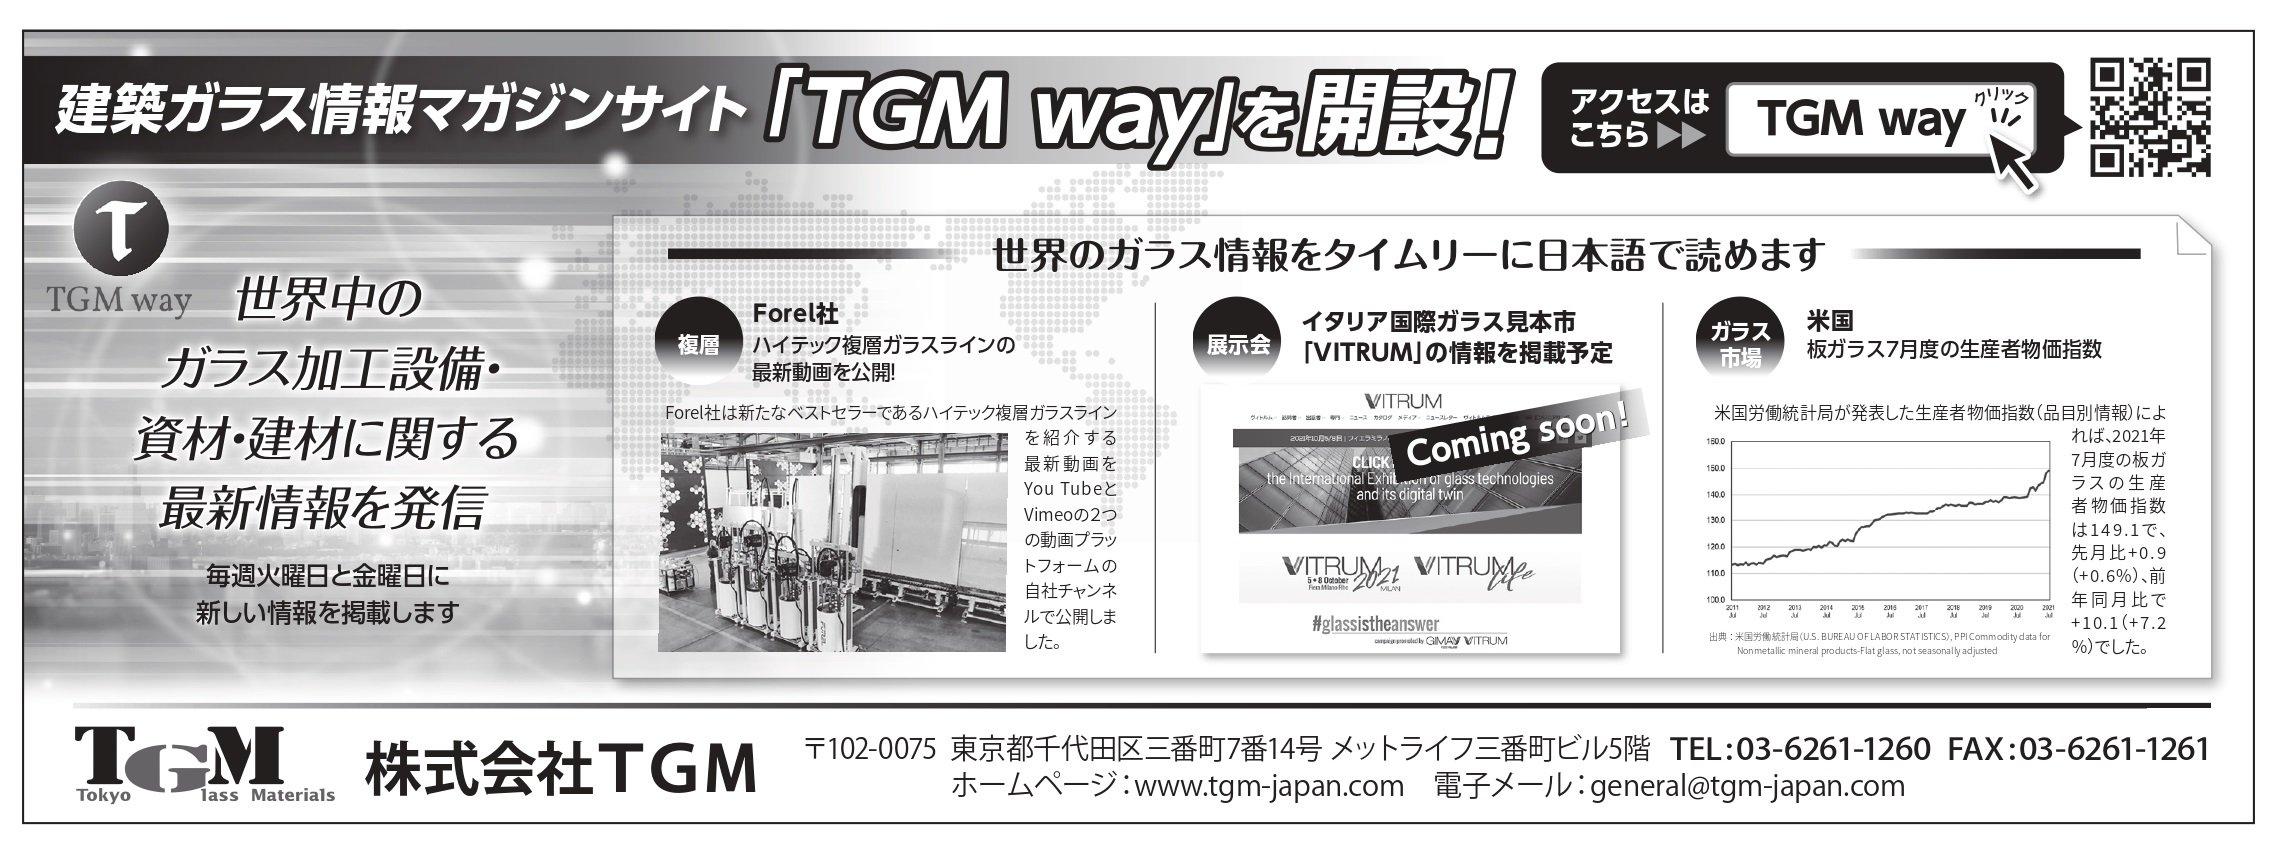 21.09.19-26 TGM様_広告図案_page-0001.jpg